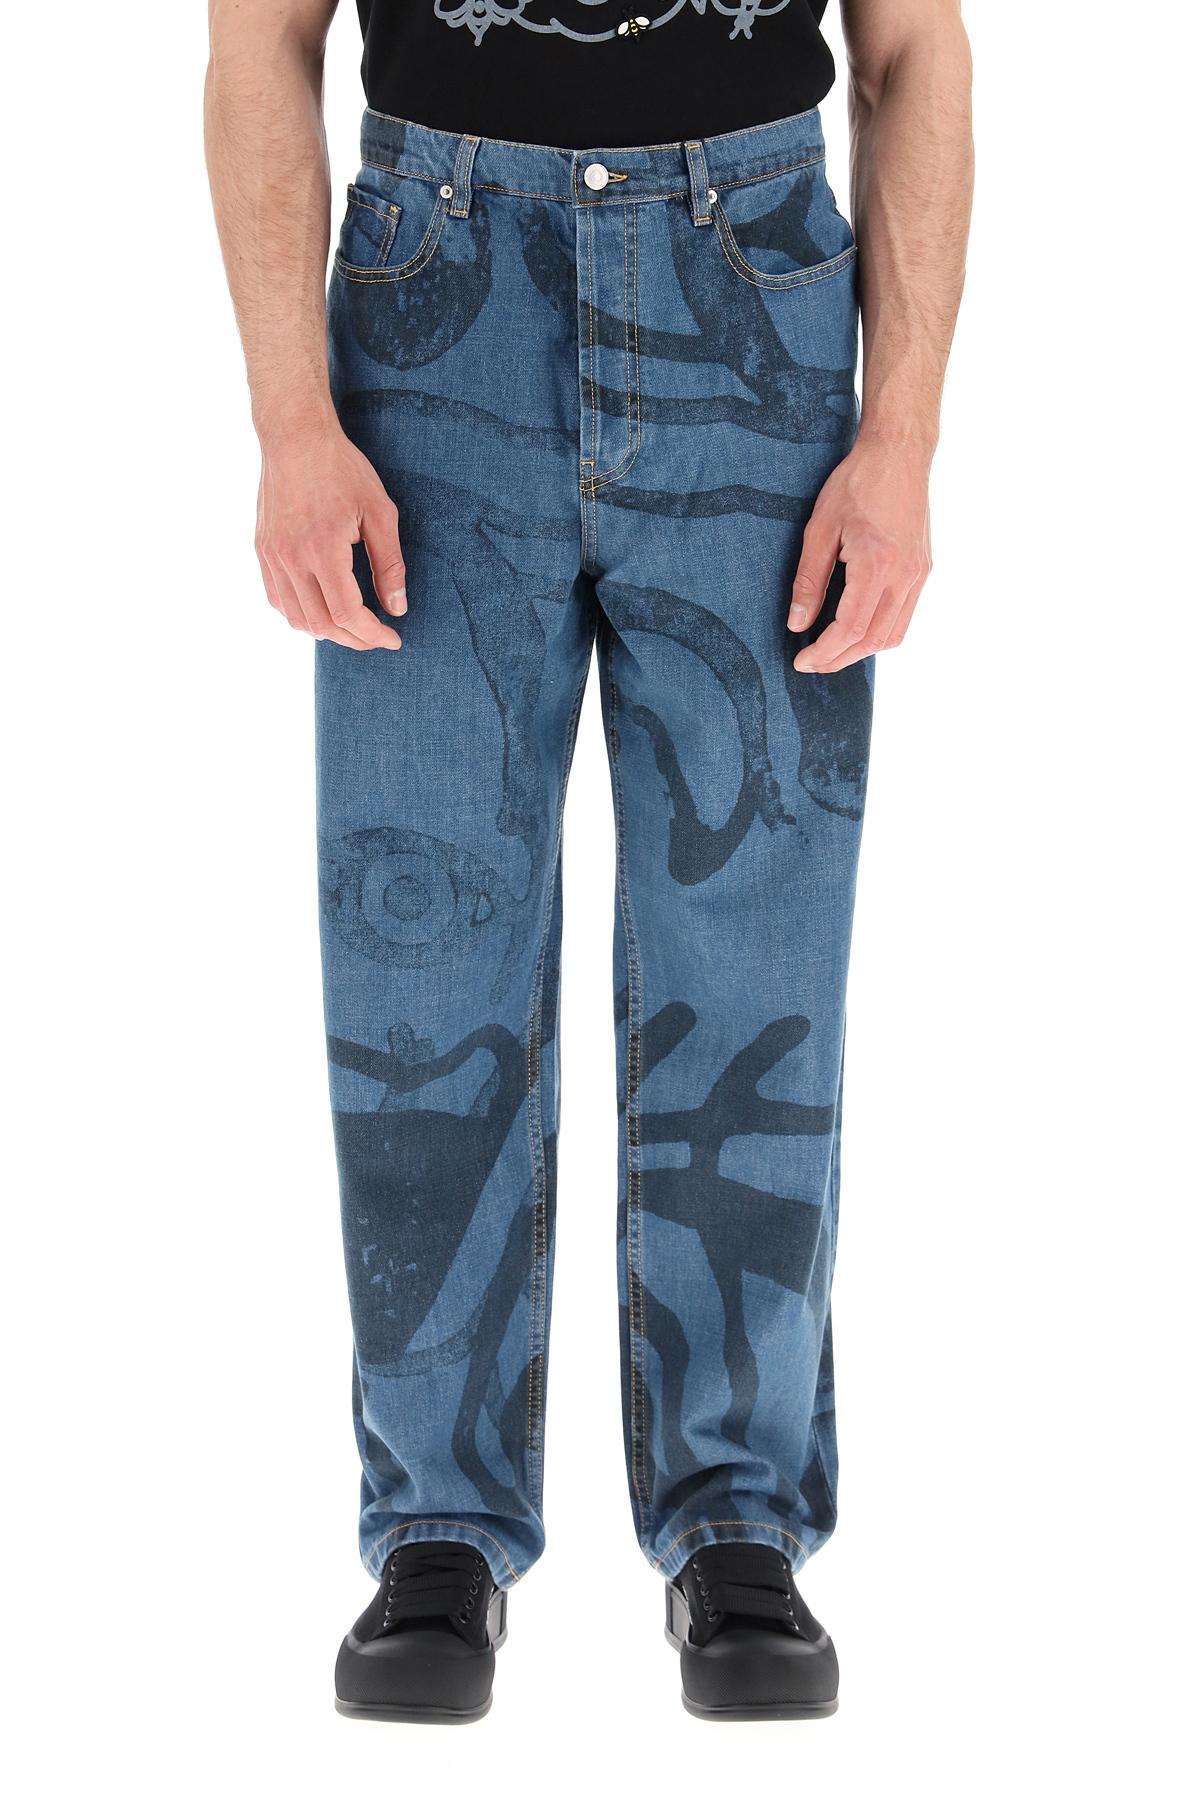 Kenzo jeans large stampa k-tiger